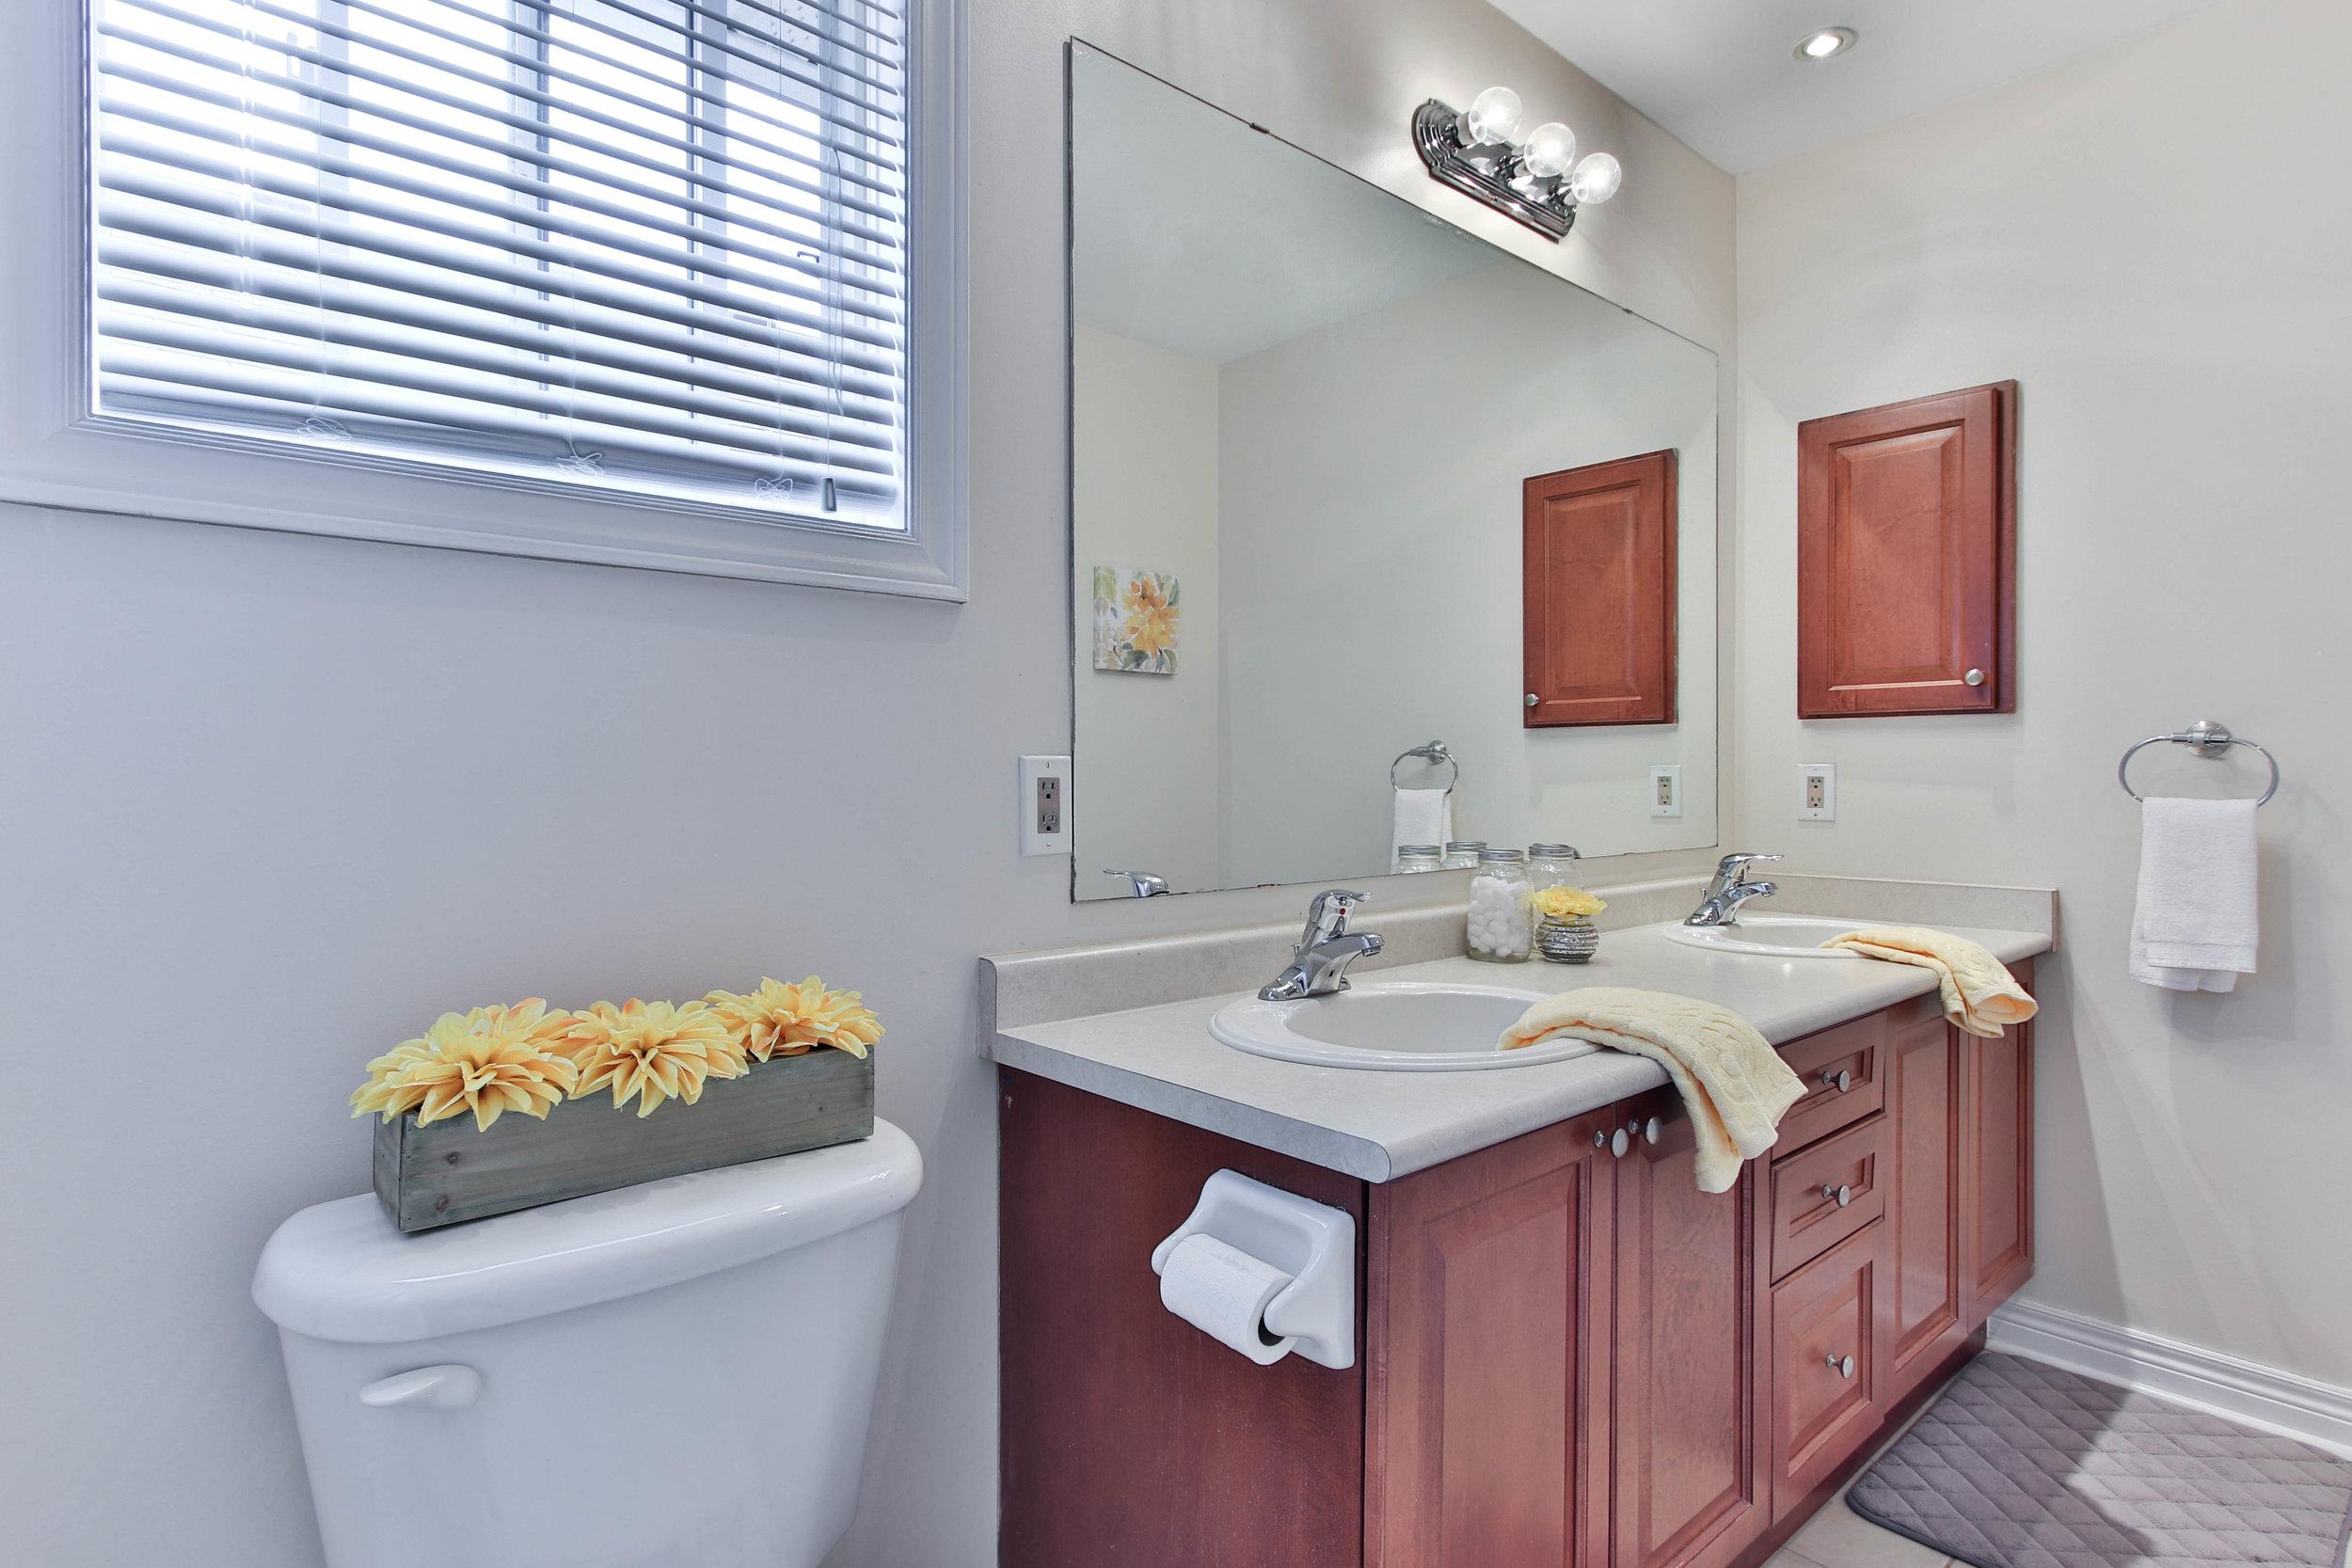 32_Washroom (1 of 1).jpg